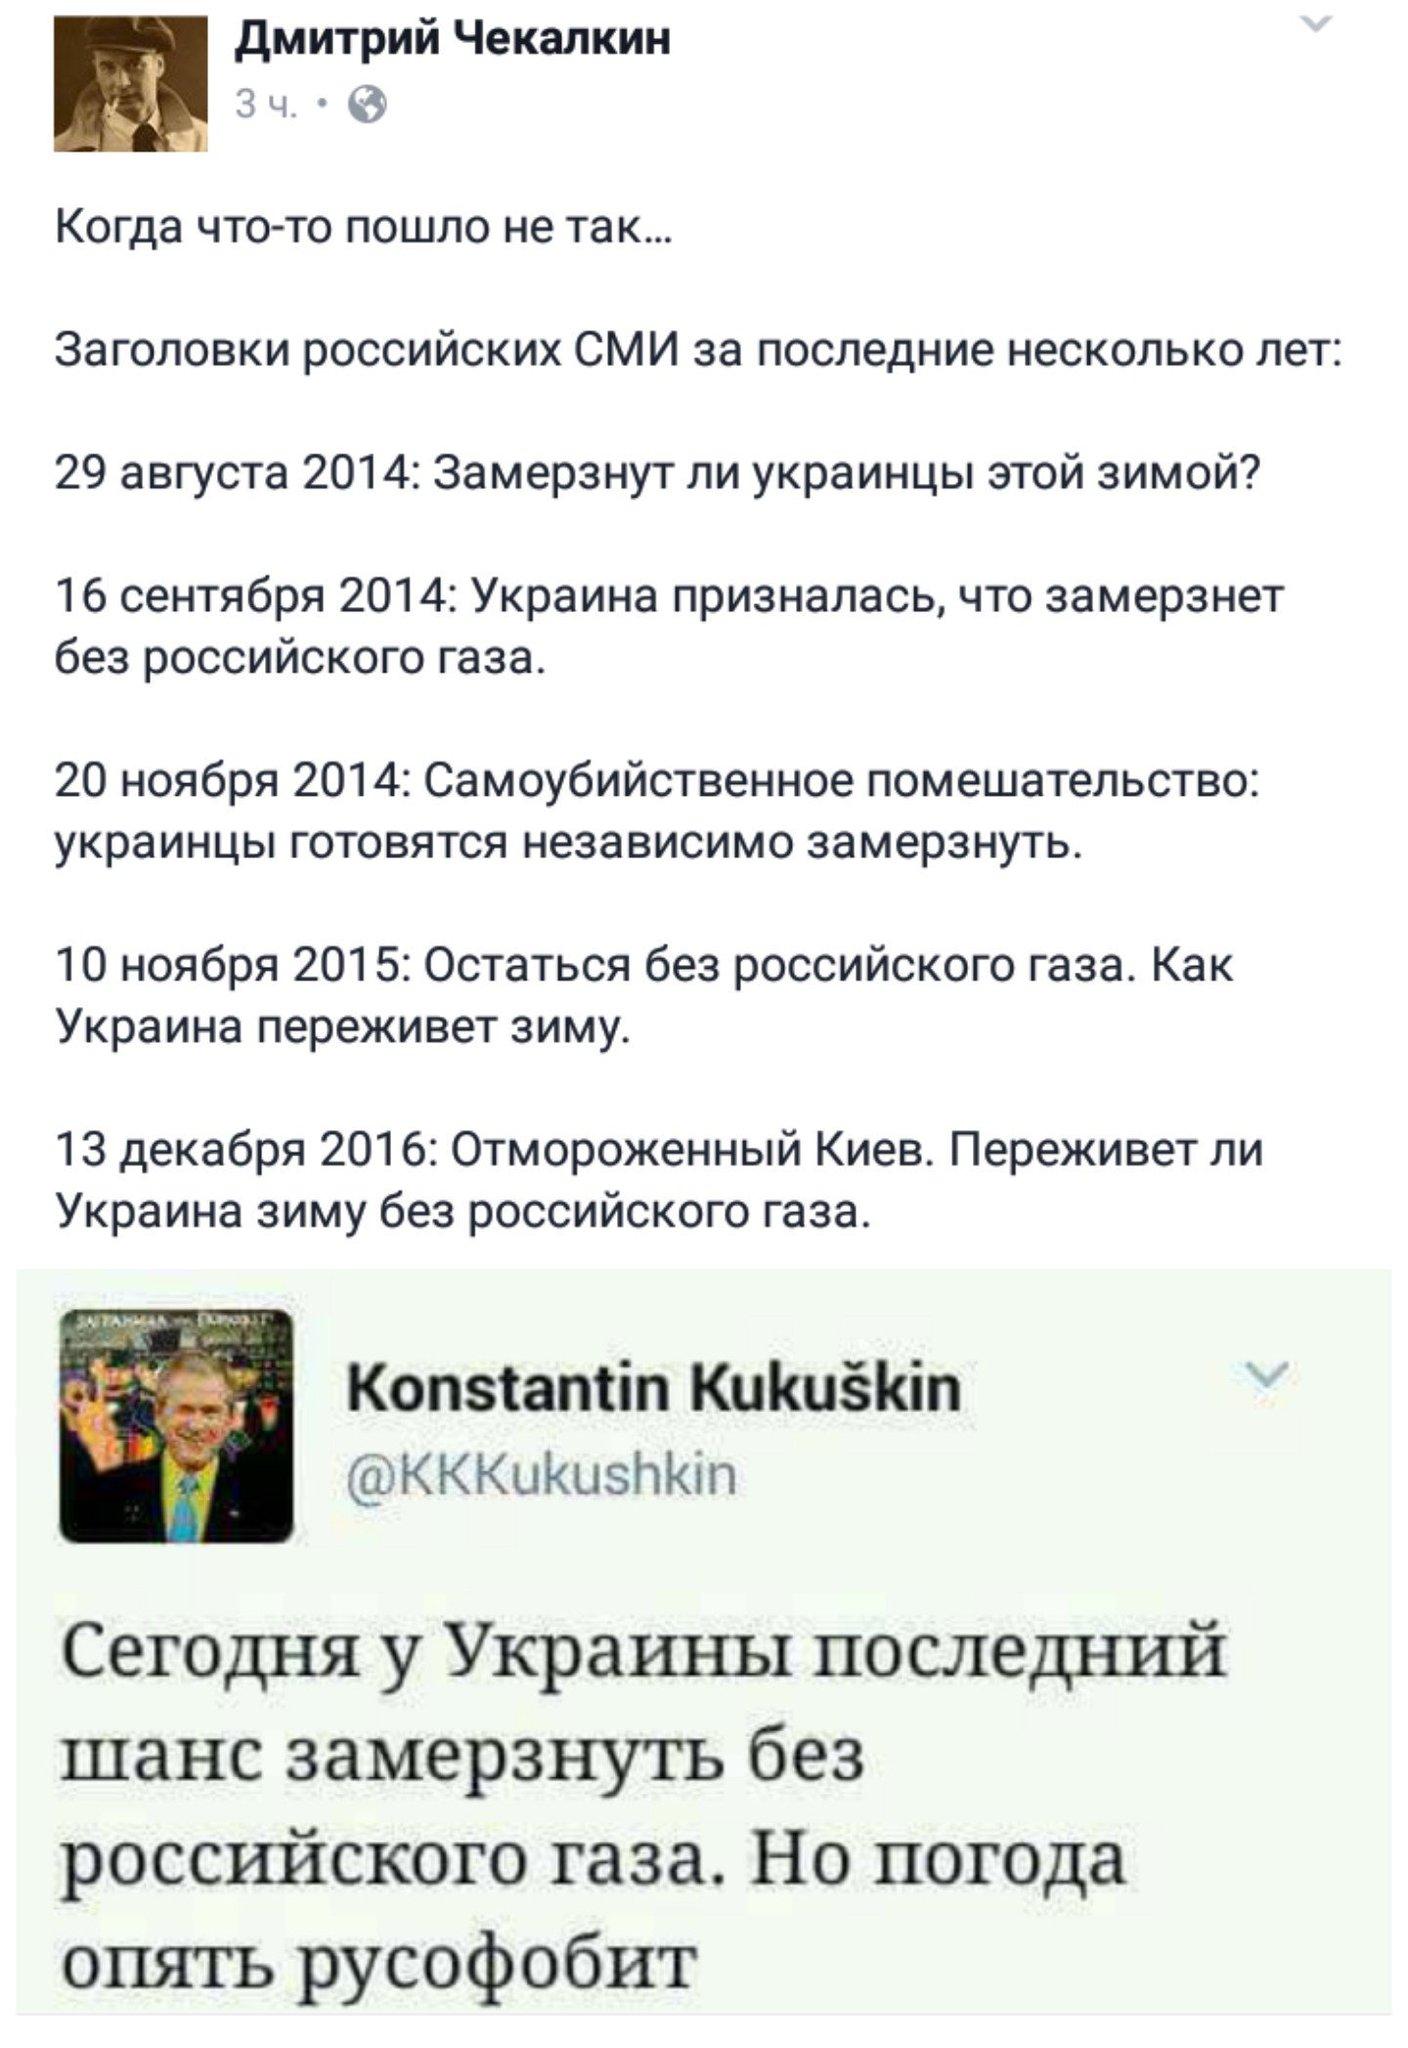 """""""Рассчитывать на какую-то милость не приходится"""", - Медведев призвал готовится к """"неопределенно долгим"""" санкциям - Цензор.НЕТ 7798"""